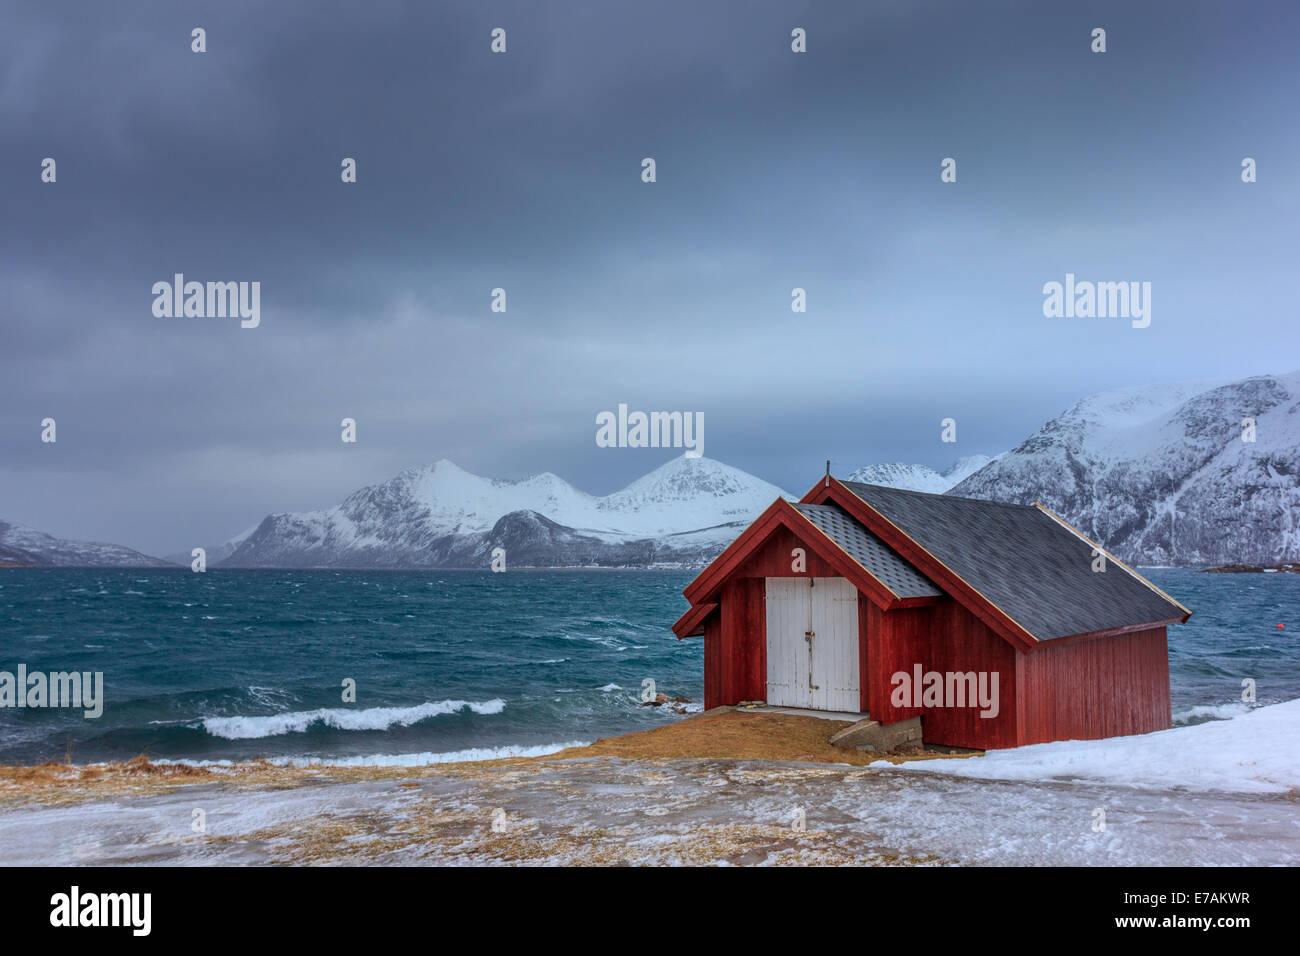 Rorbu in Lofoten islands in Norway - Stock Image